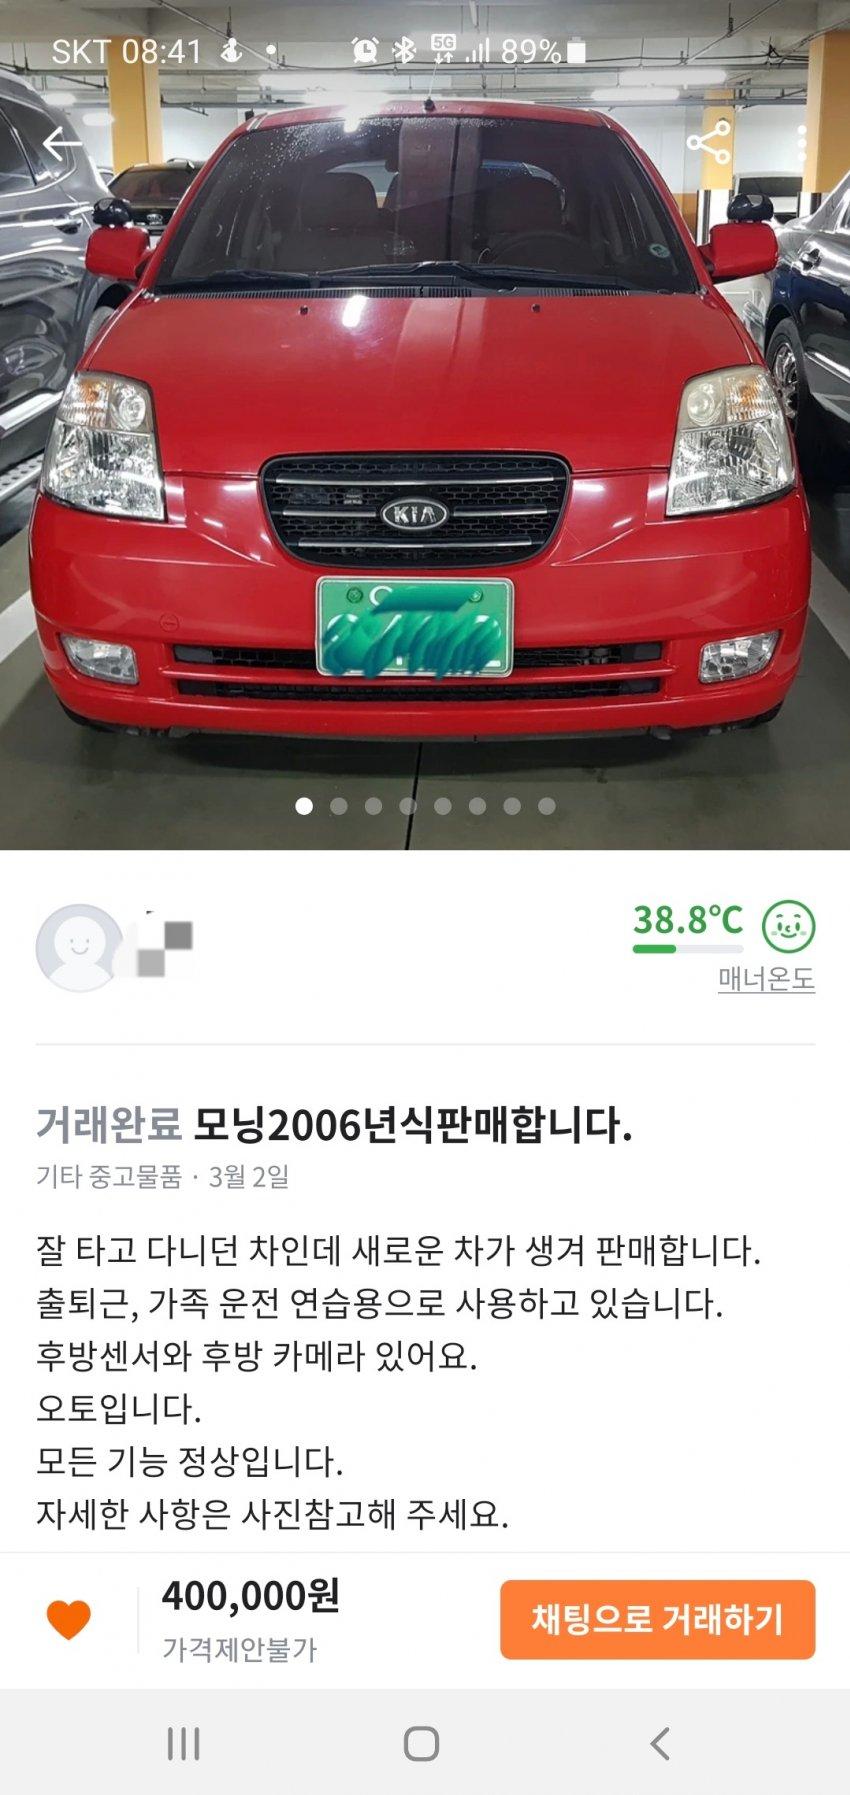 viewimage.php?id=2ebcc219ebd72ff7&no=24b0d769e1d32ca73fec81fa11d02831b46f6c3837711f4400726c62de60225a9f70b7f0dfab13cc15a216c1a1c5d1560988a14b4140db31ef1887d94c9841f87bddd9dd25443c4b8cb0d020f8da017f1d6574a4d12b14cc622298c30b819d8a3fe29da7a7